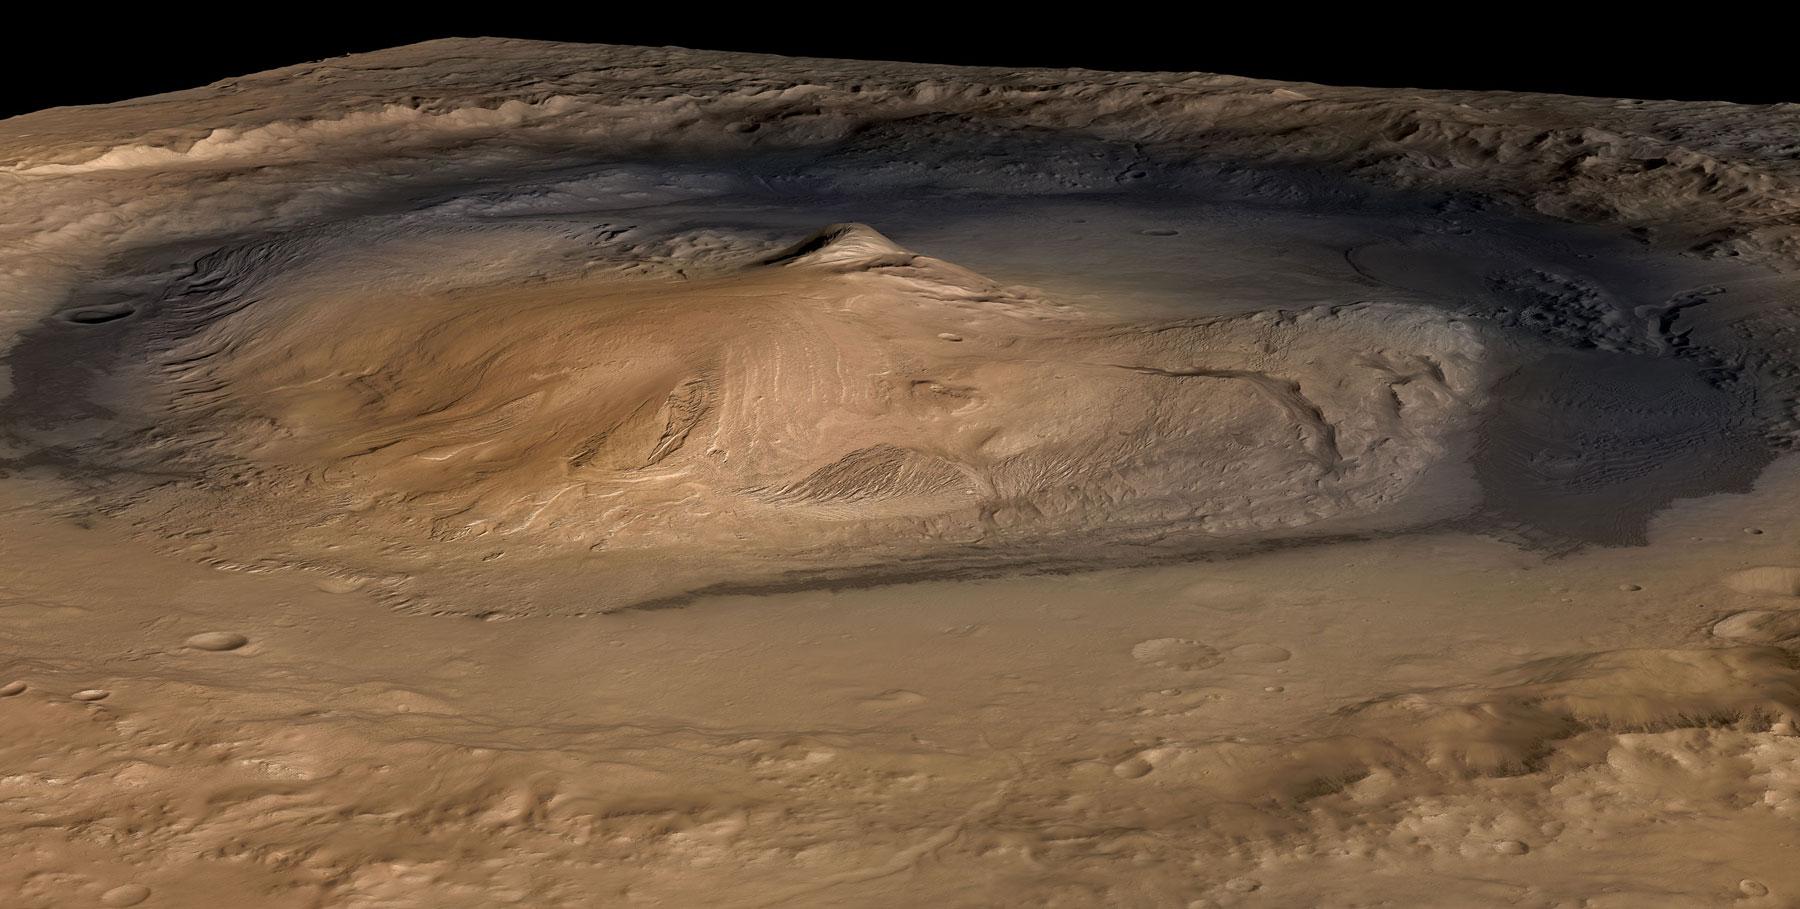 НАСА показала тающий лёд вкратере Марса